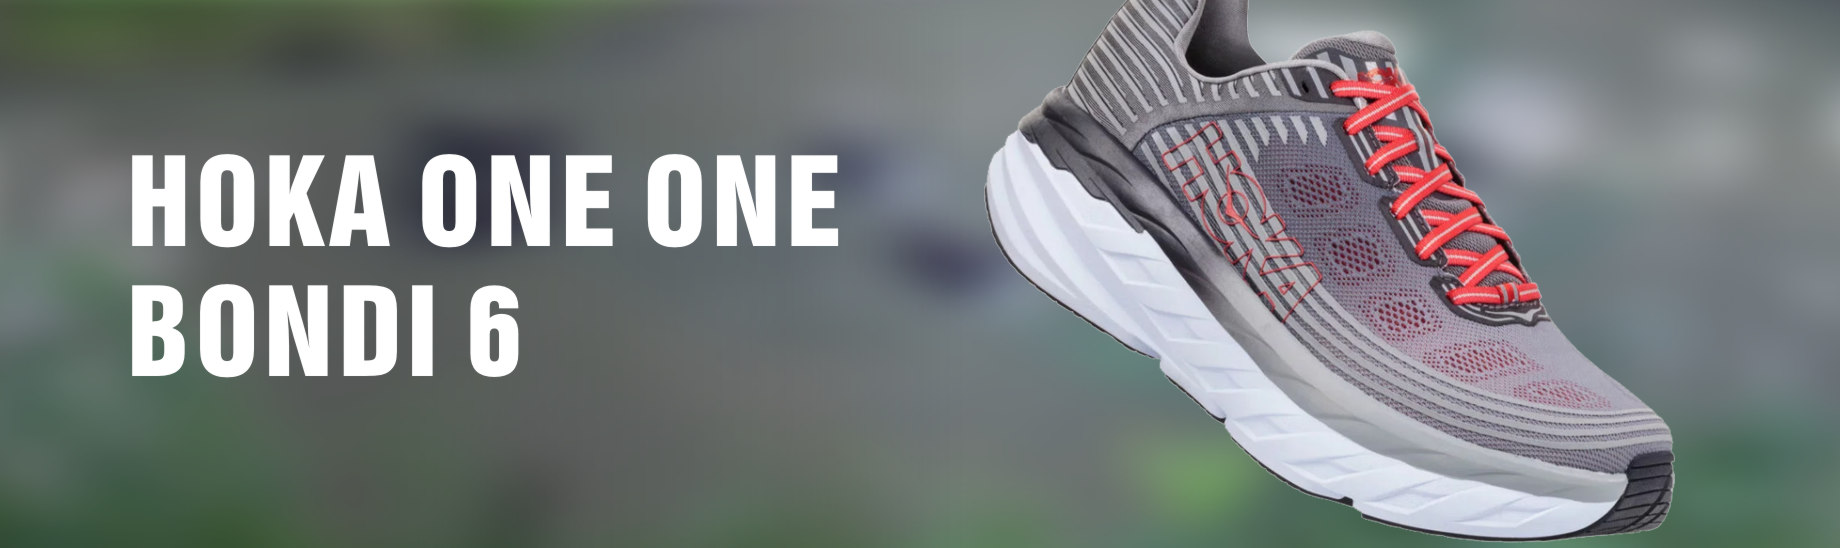 Dámska obuv Bond6